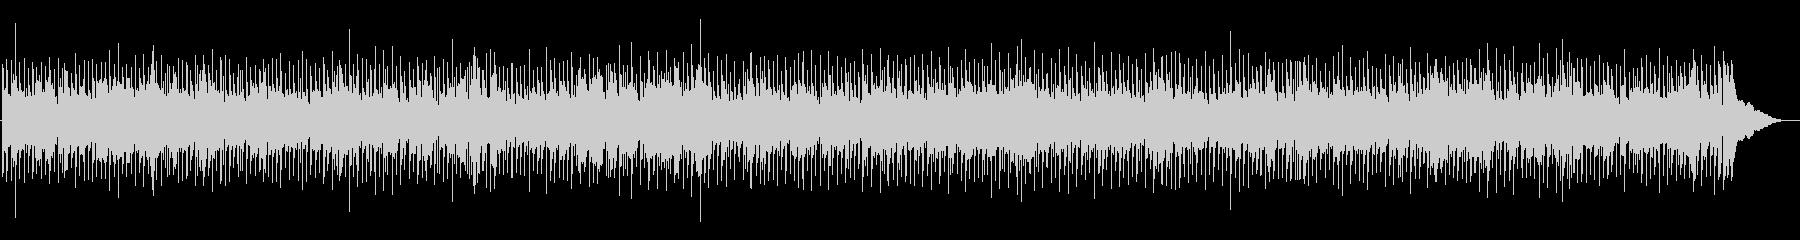 普通のカントリーの未再生の波形